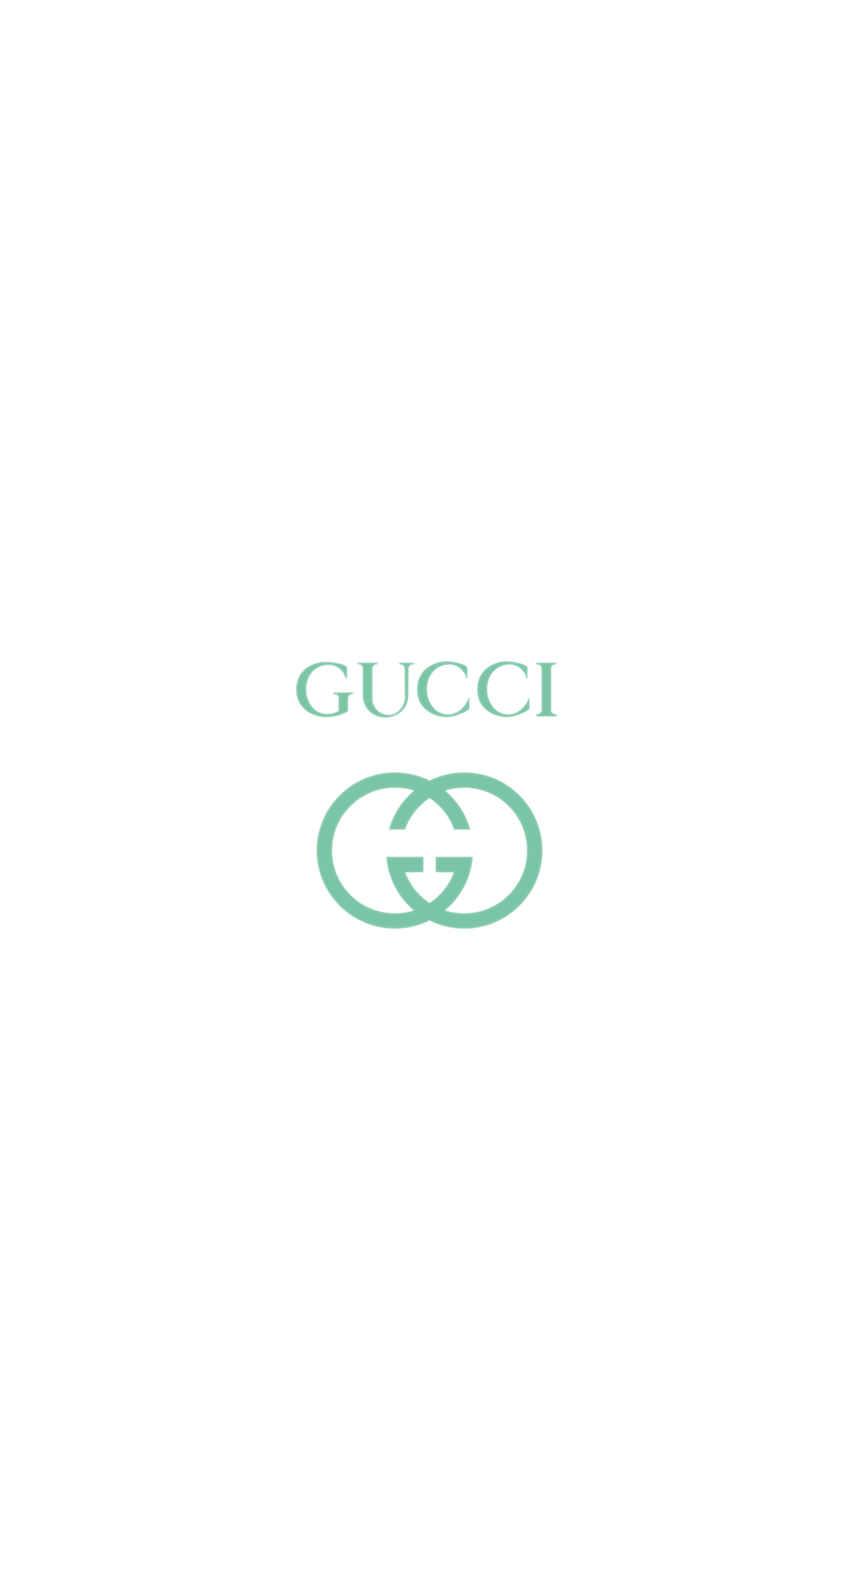 グッチ/シンプルロゴグリーン